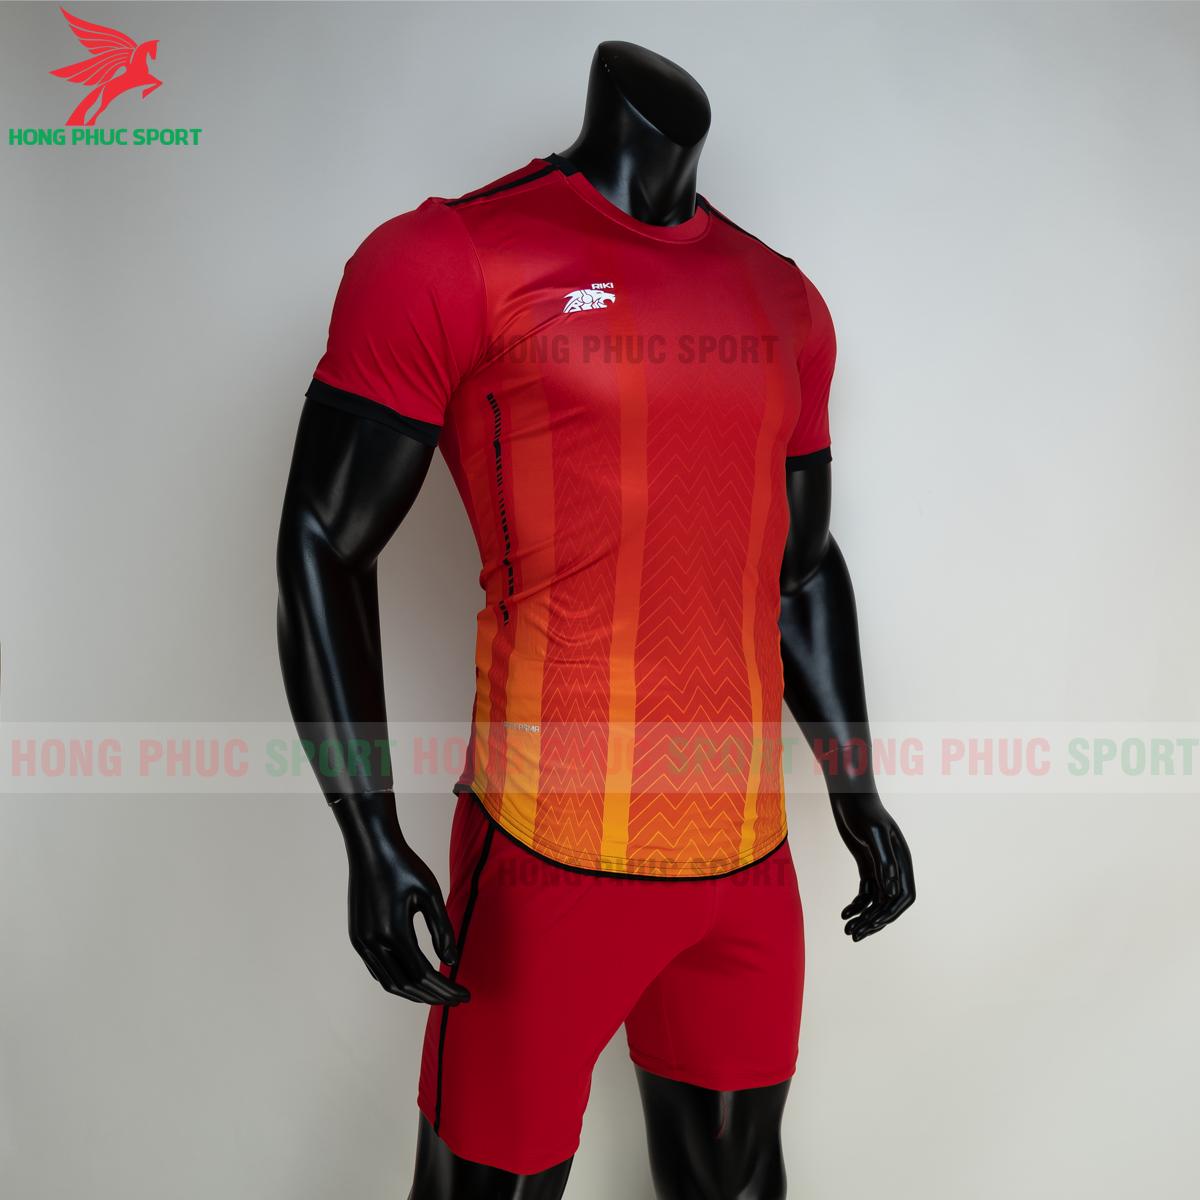 Áo đá banh không logo RIKI FURIOR 2021 màu đỏ (phải)